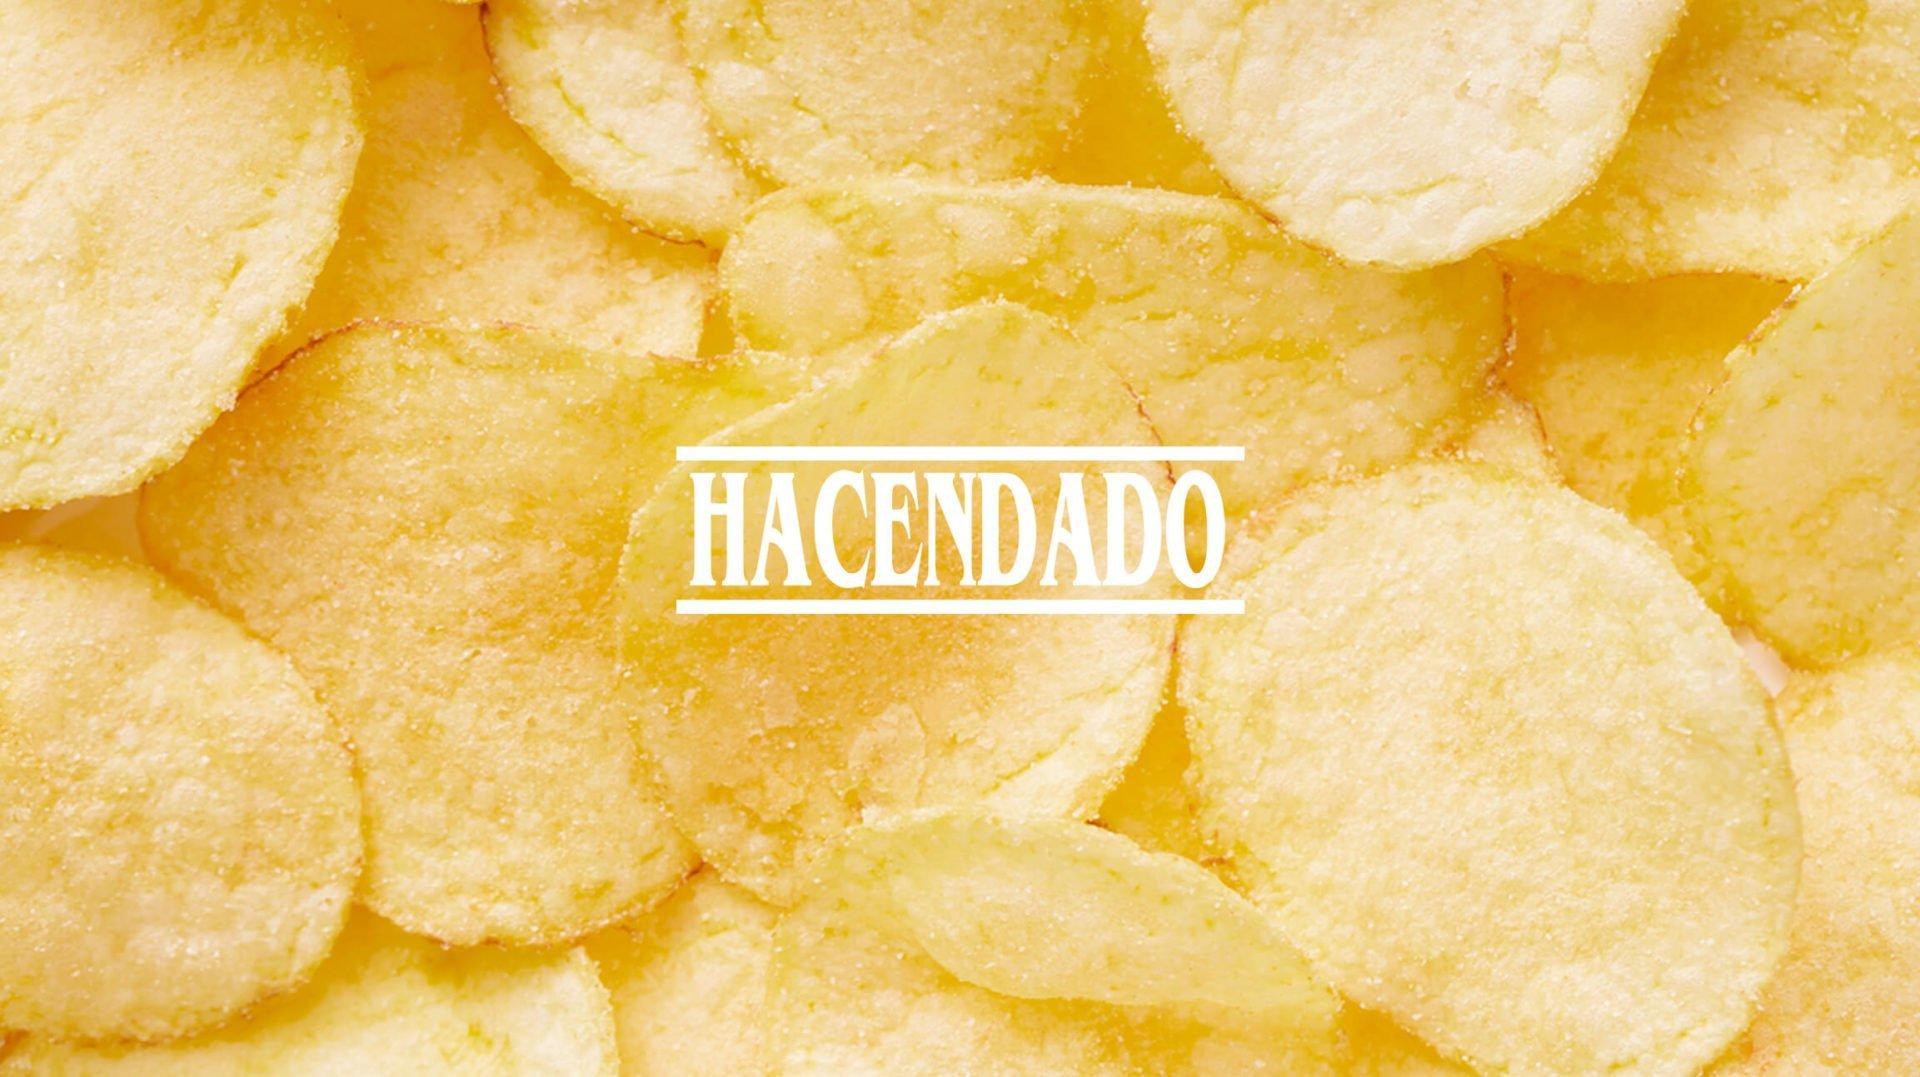 fotografía-patatas-snacks-churrería-mercadona-hacendado